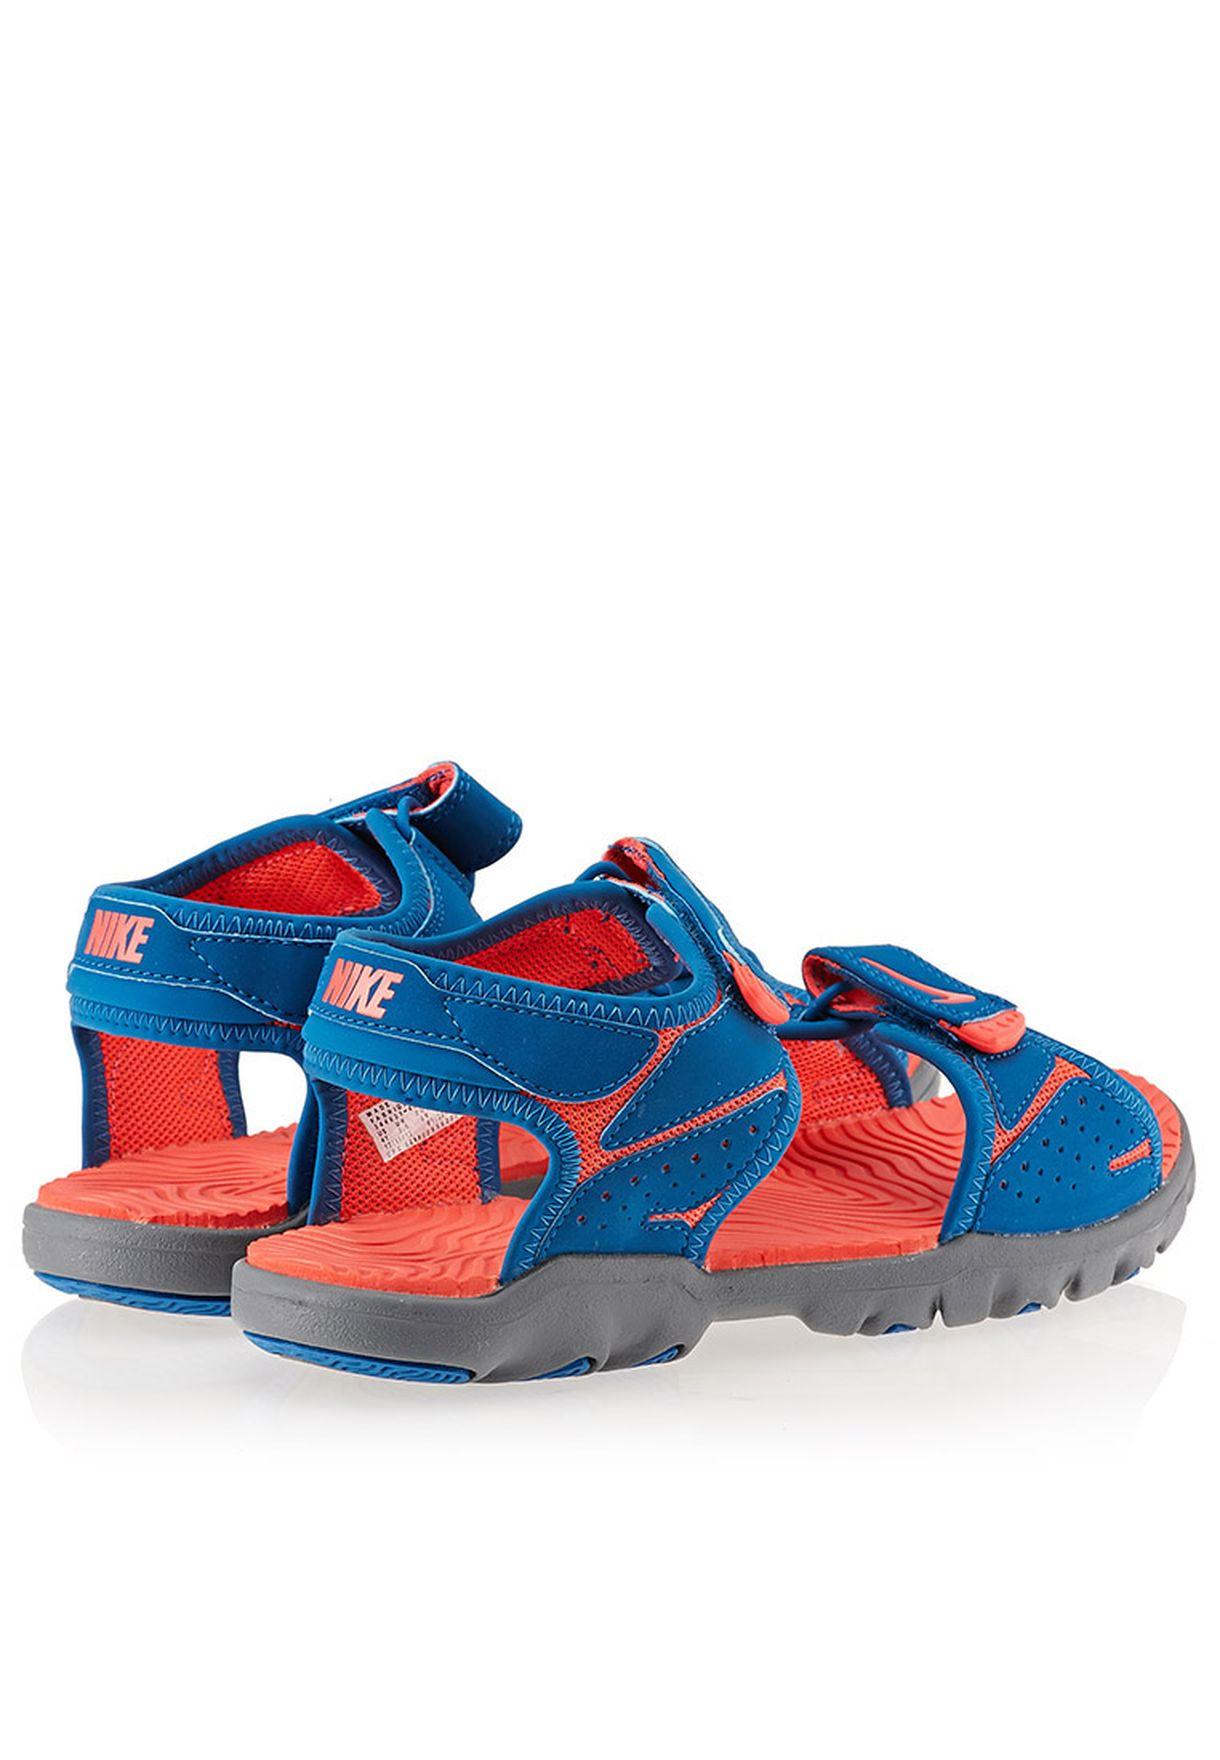 883cc0e76d0 Shop Nike blue Santiam 5 Sandals 344631-401 for Kids in Bahrain ...